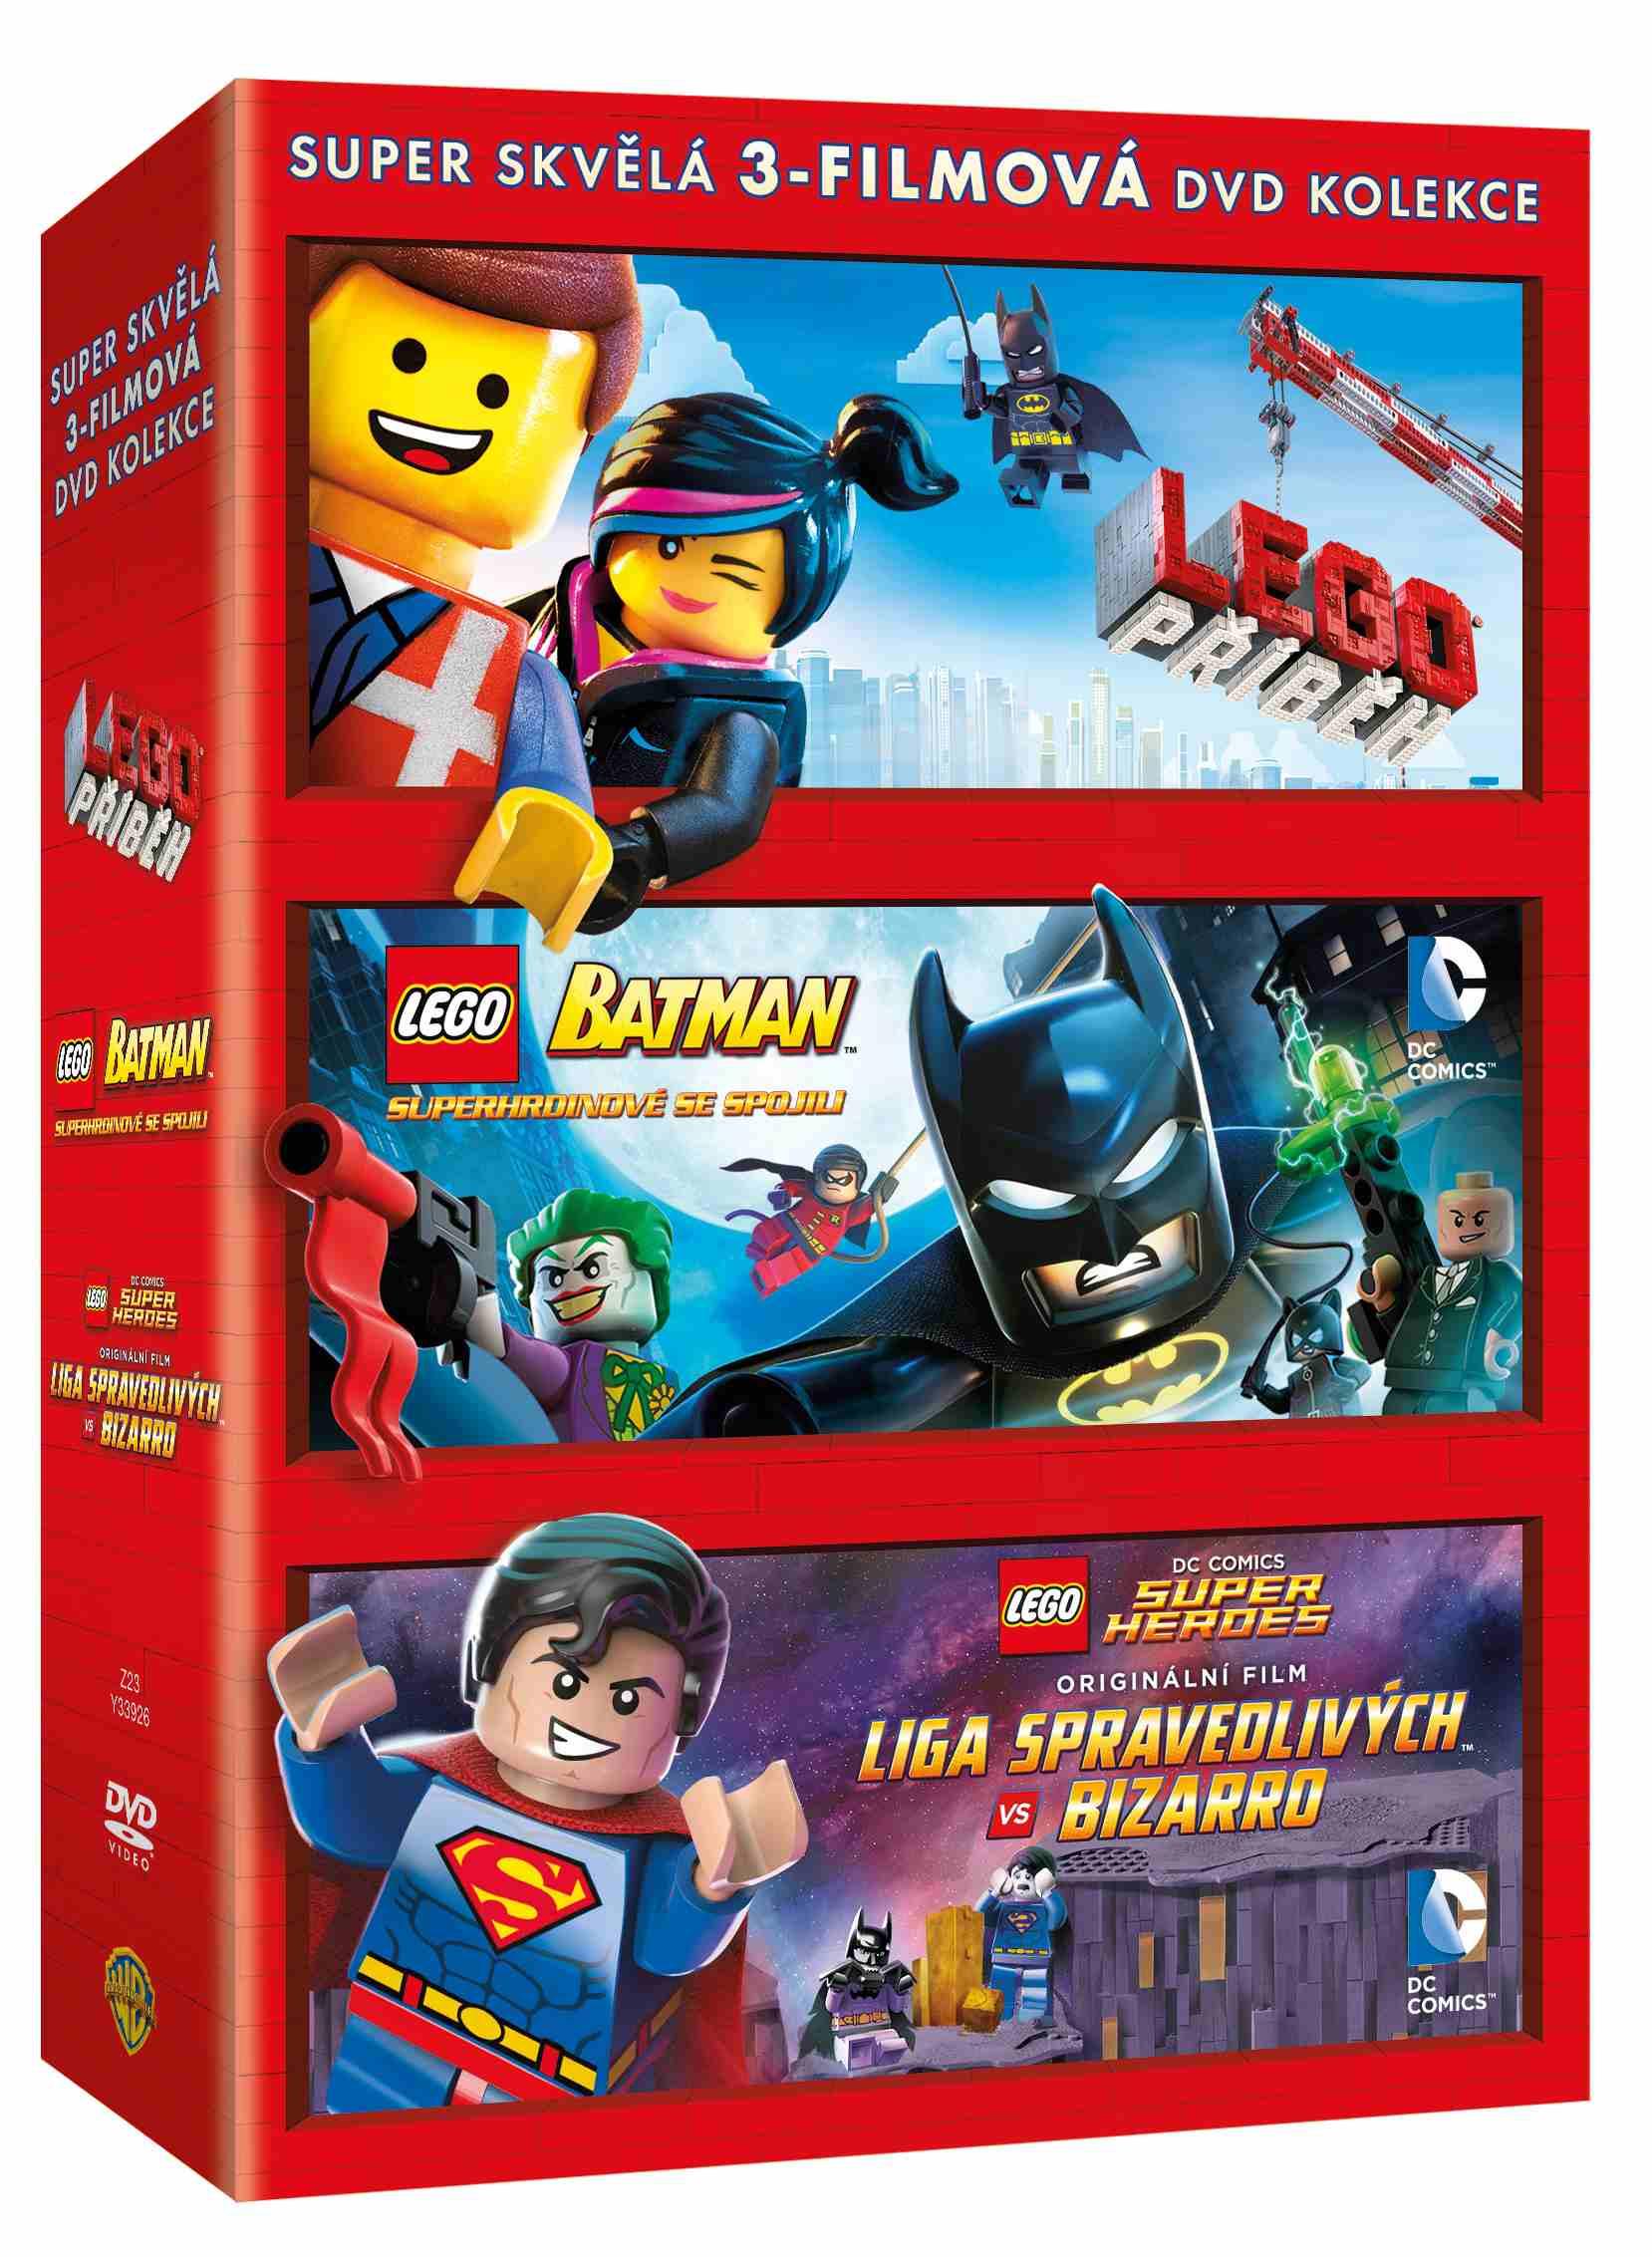 LEGO KOLEKCE (2015) - 3 DVD